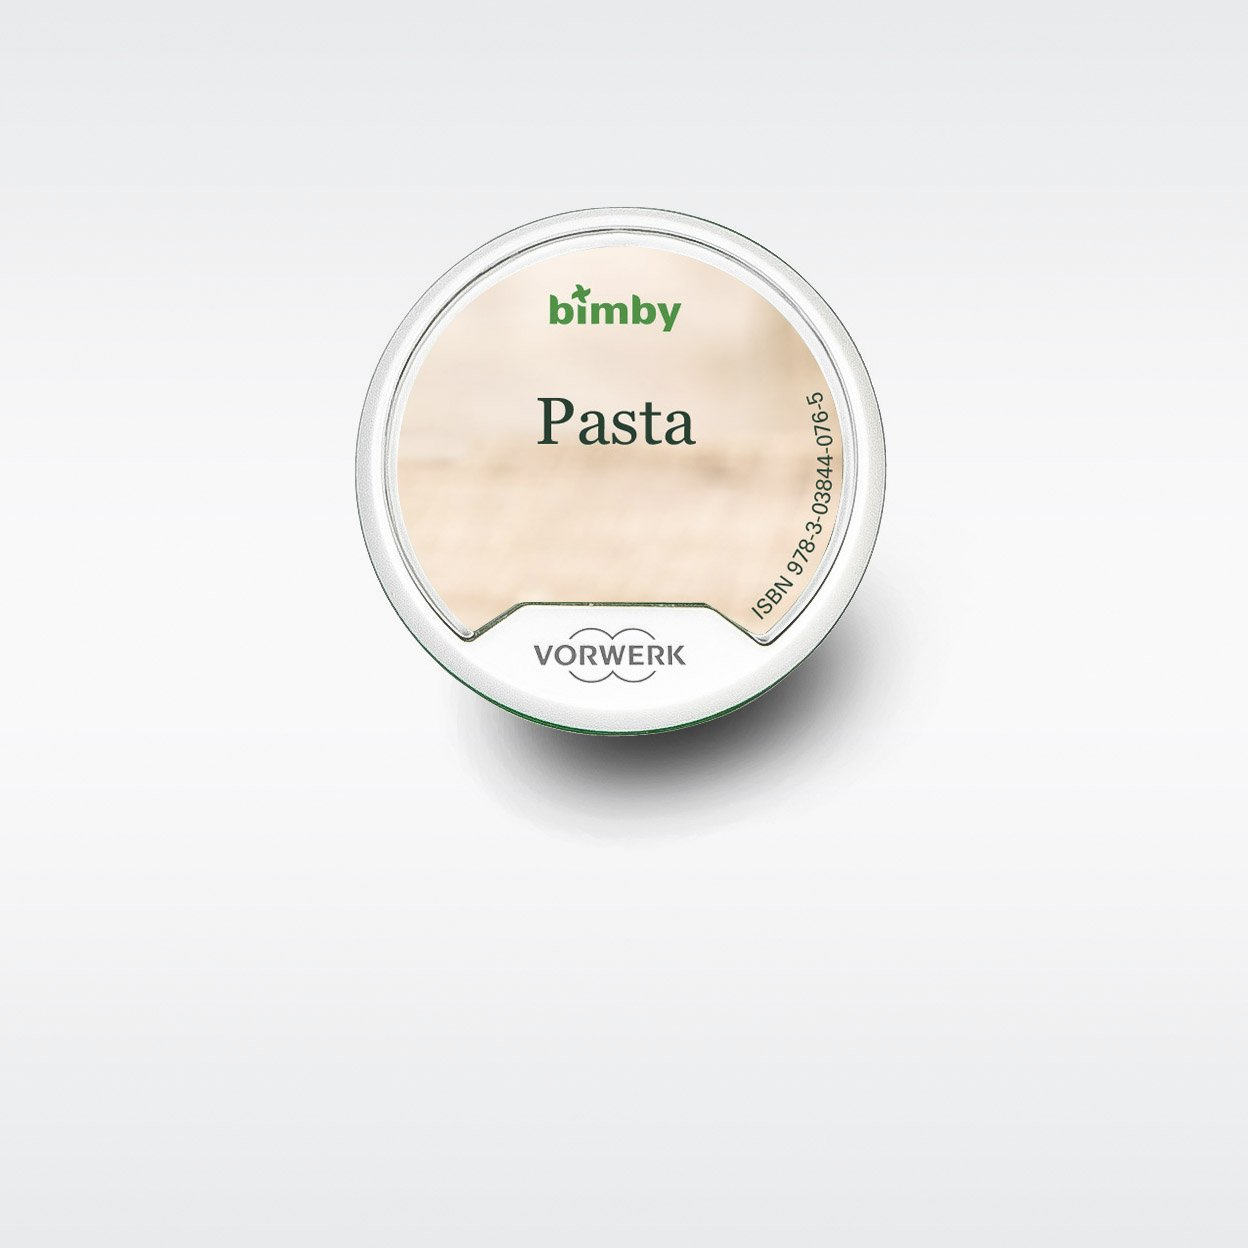 Stick bimby ricette ricette con bimby for Primi piatti ricette bimby